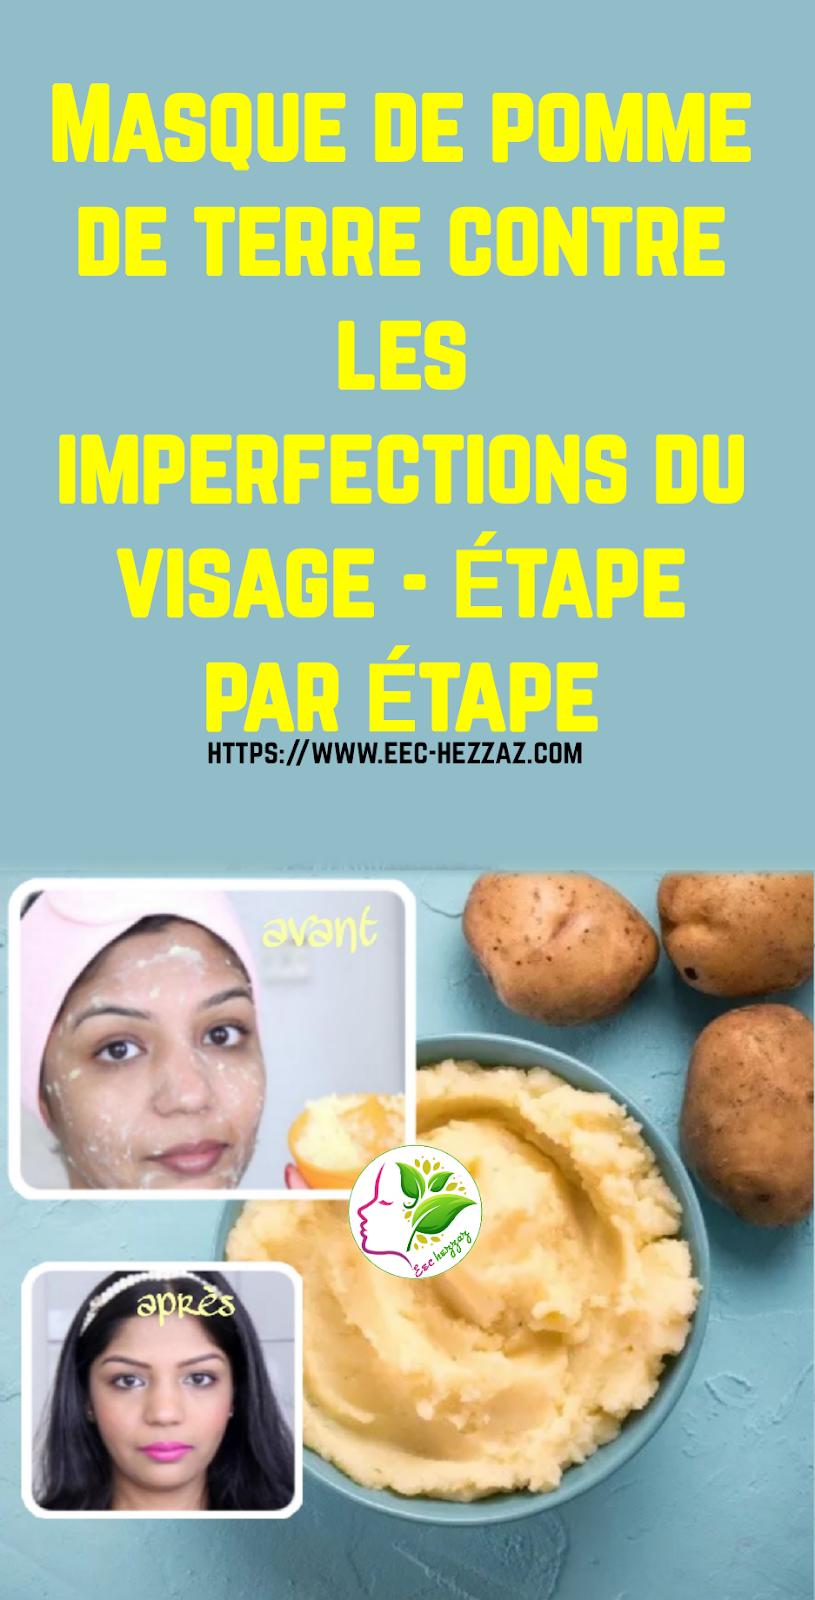 Masque de pomme de terre contre les imperfections du visage - étape par étape